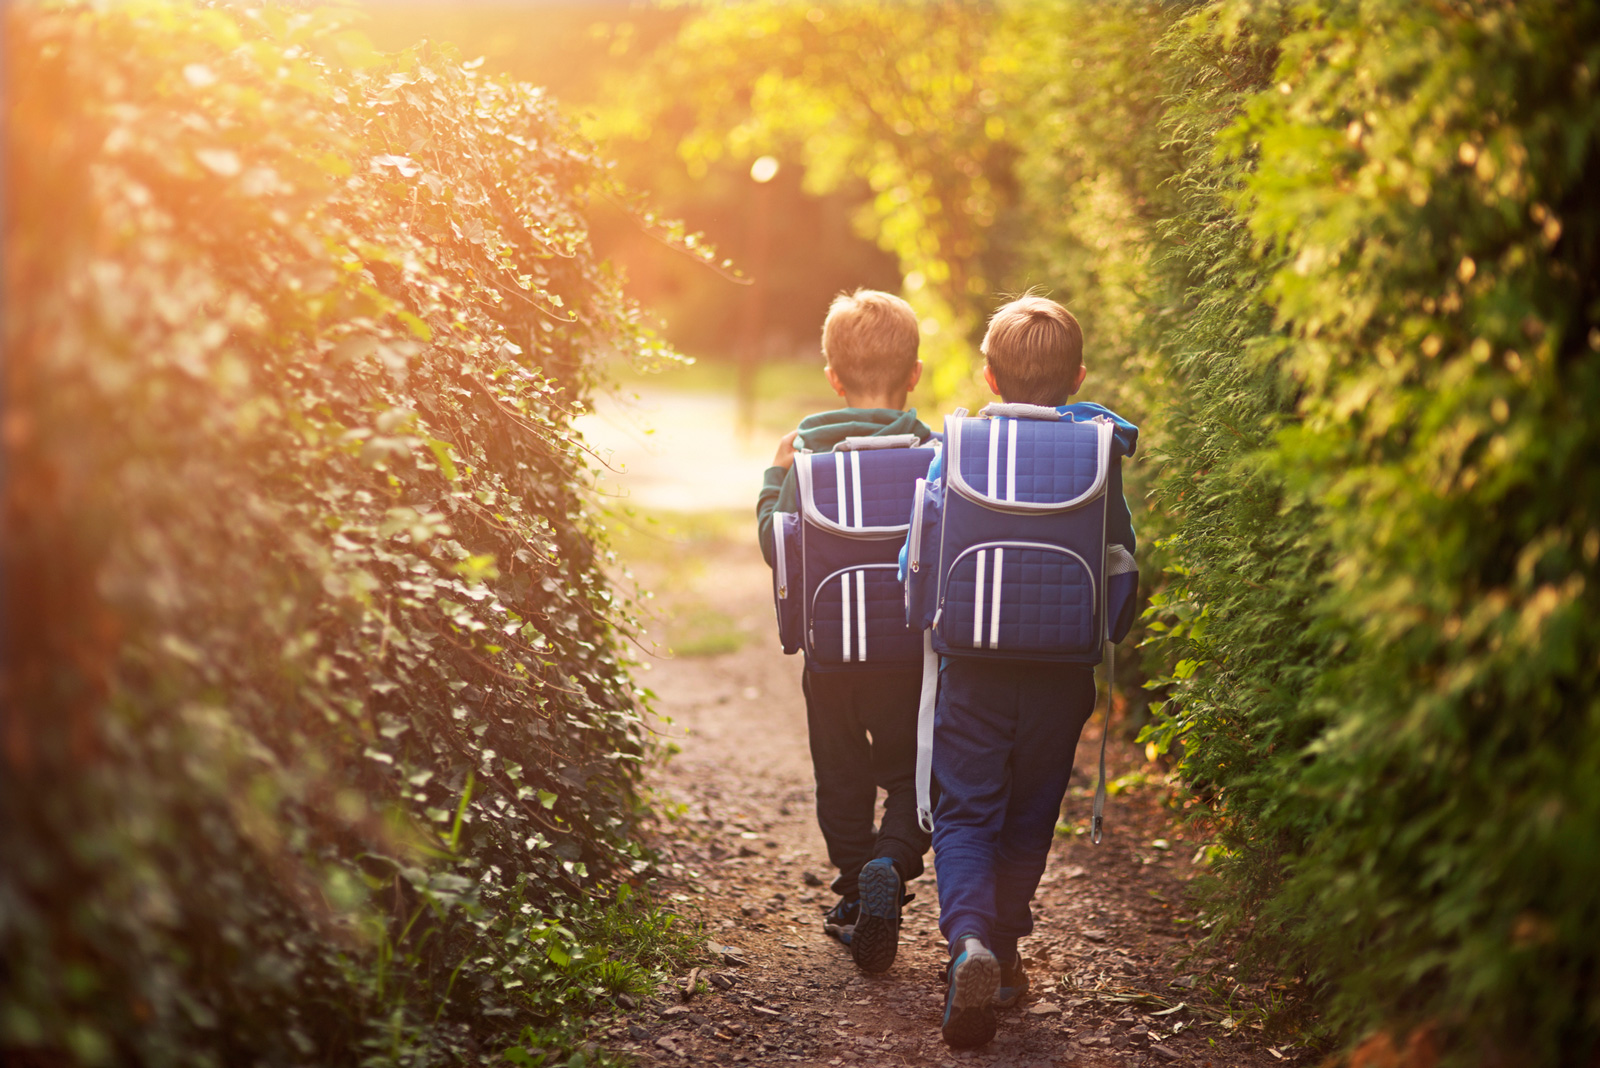 Schultaschen für Grundschüler sollten ergonomisch, leicht und sicher sein.